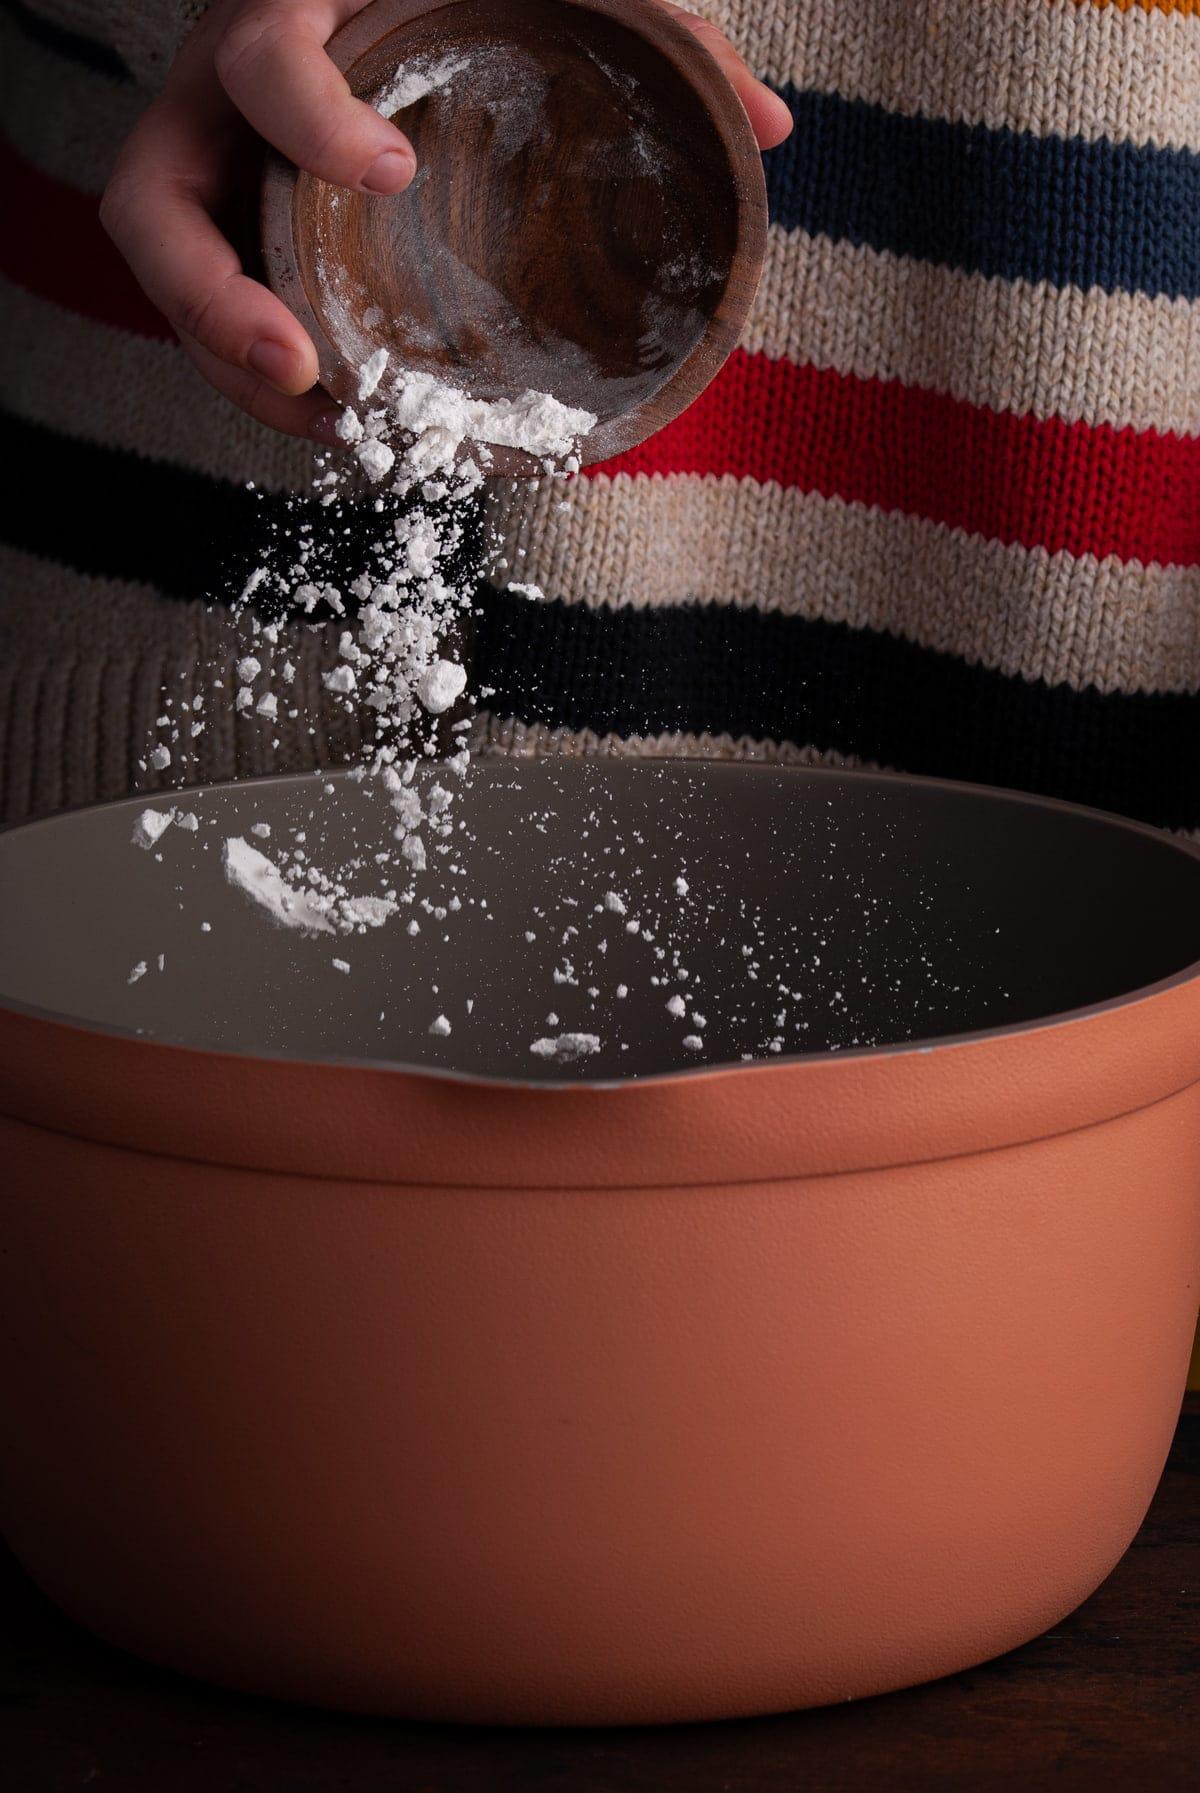 adding flour to a pot to make a roux